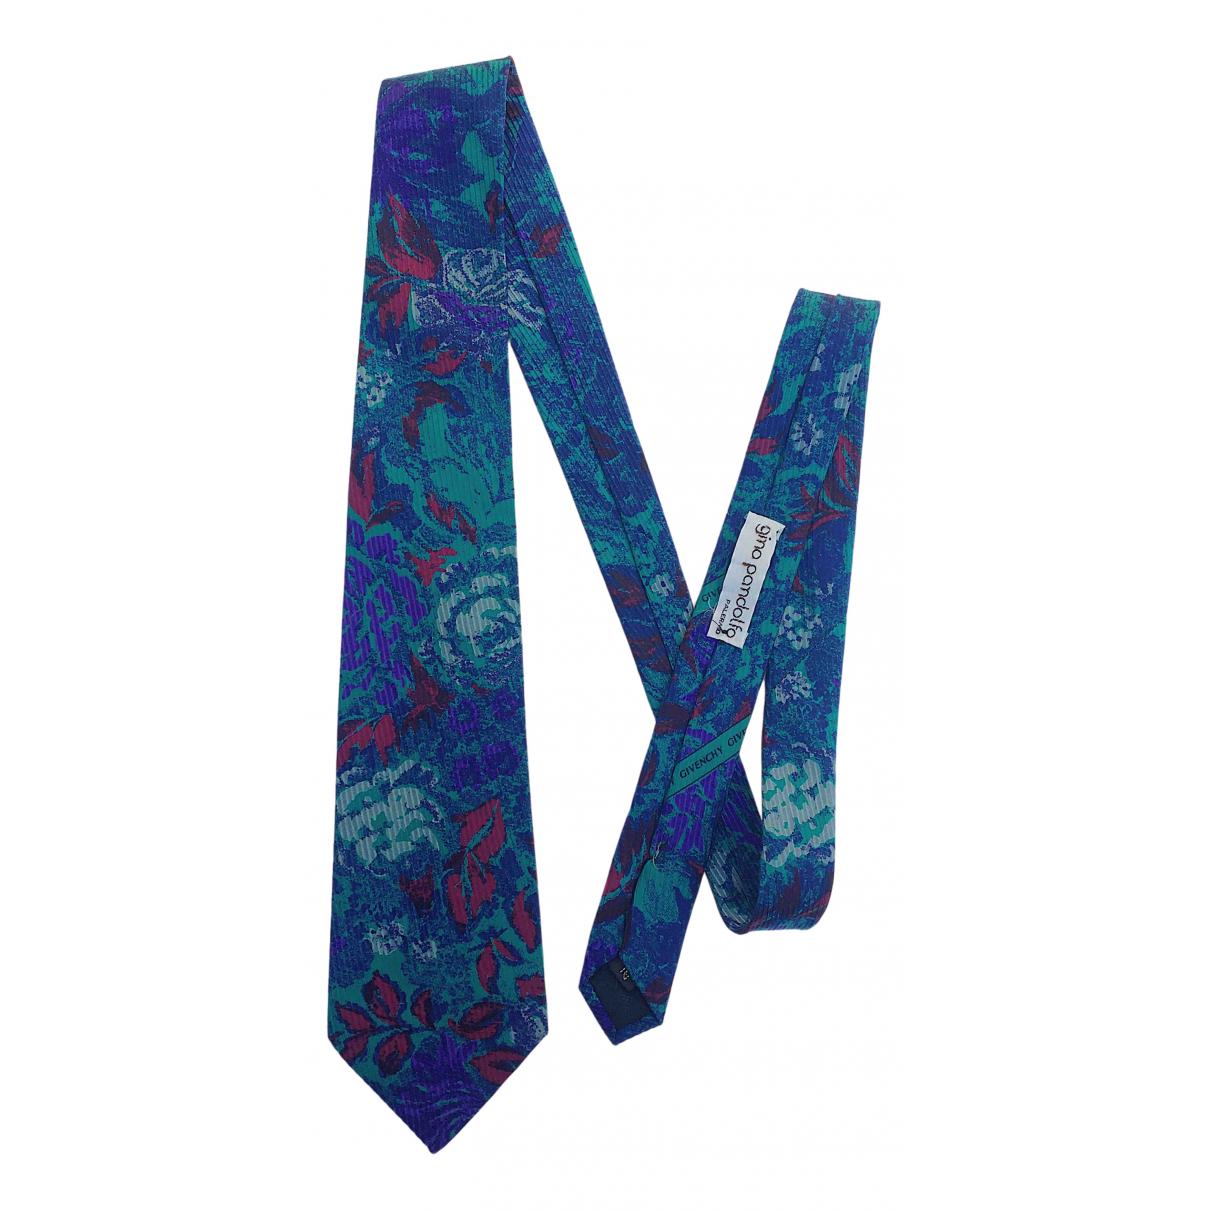 Givenchy - Cravates   pour homme en soie - multicolore